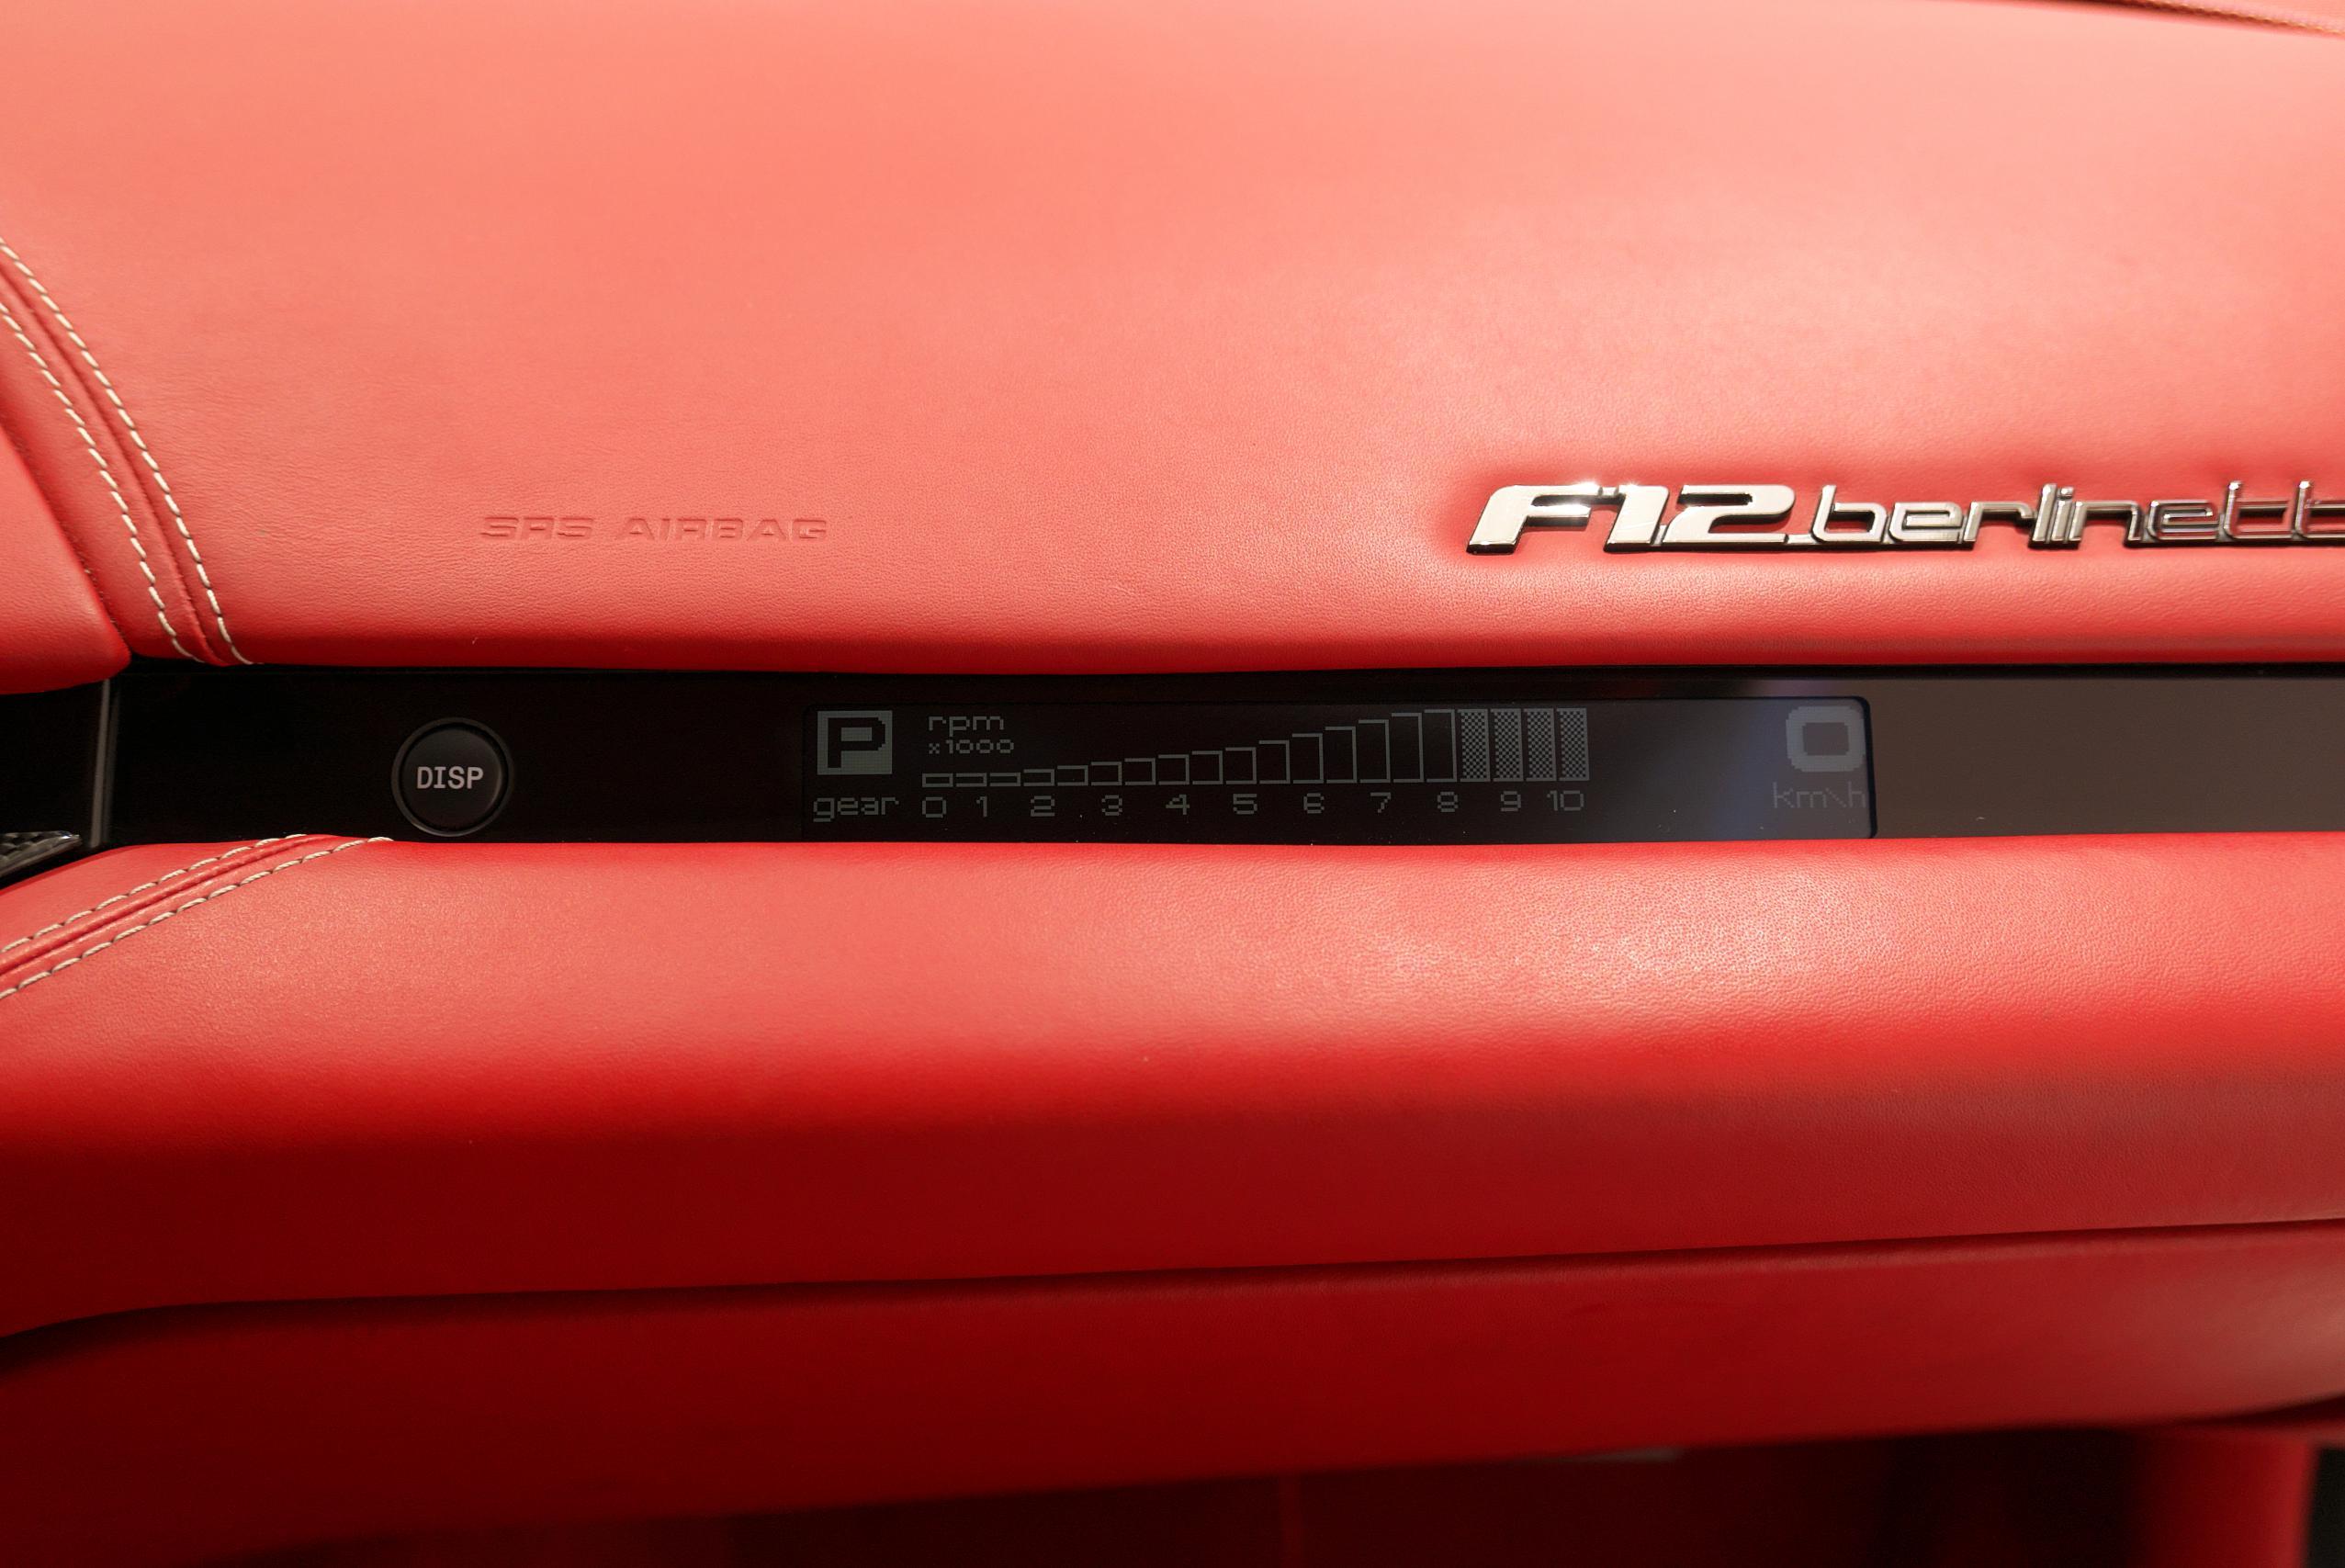 フェラーリ F12 ベルリネッタ 助手席ディスプレイ